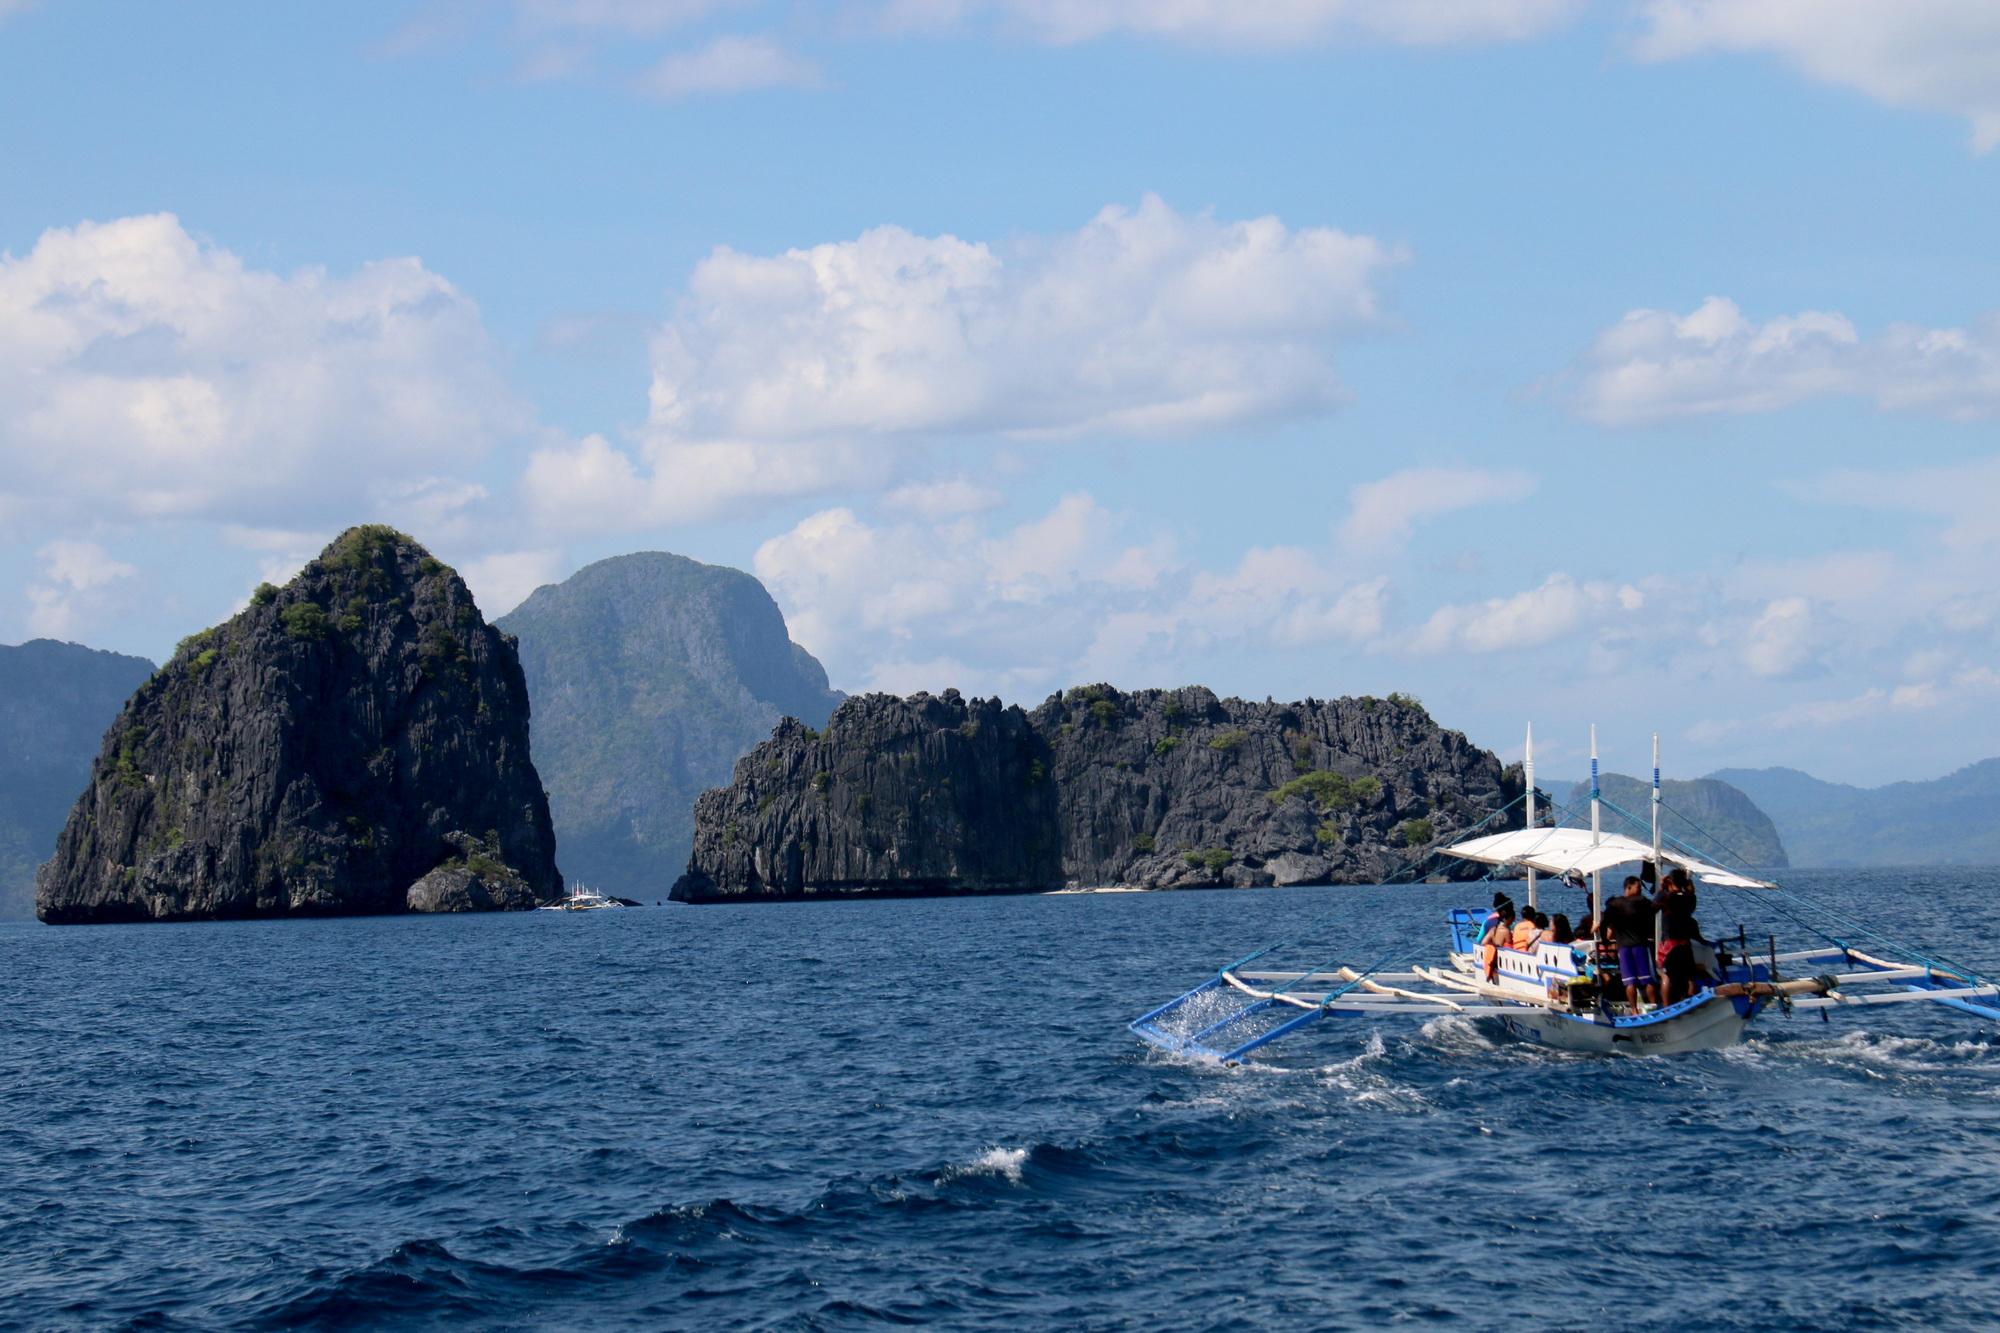 Sang Philippines vẫy vùng trên biển El Nido - Ảnh 1.